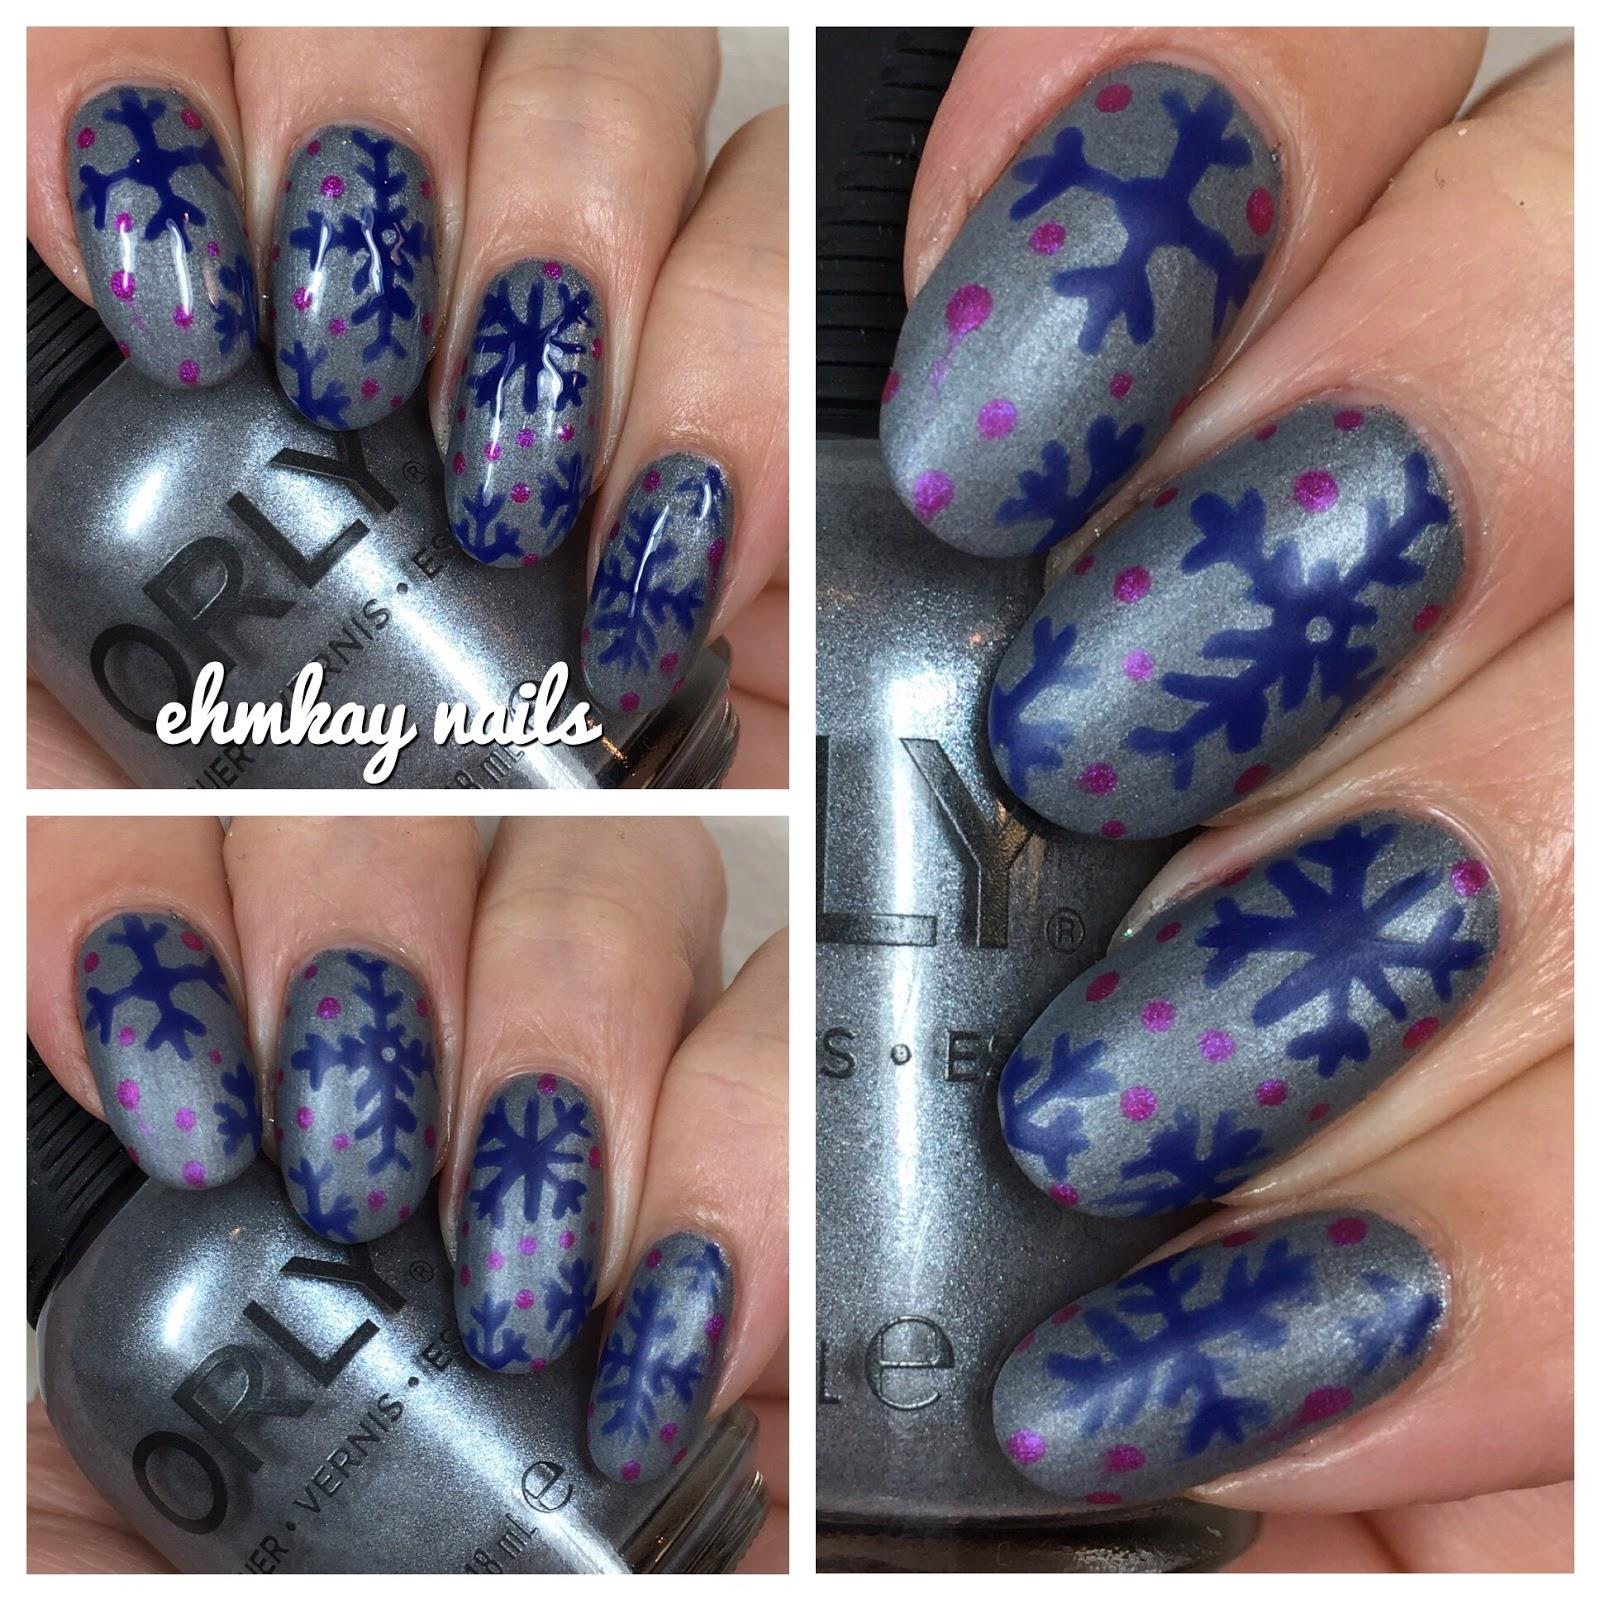 Ehmkay Nails Orly Sunset Strip Holiday 2016 Snowflakes Nail Art